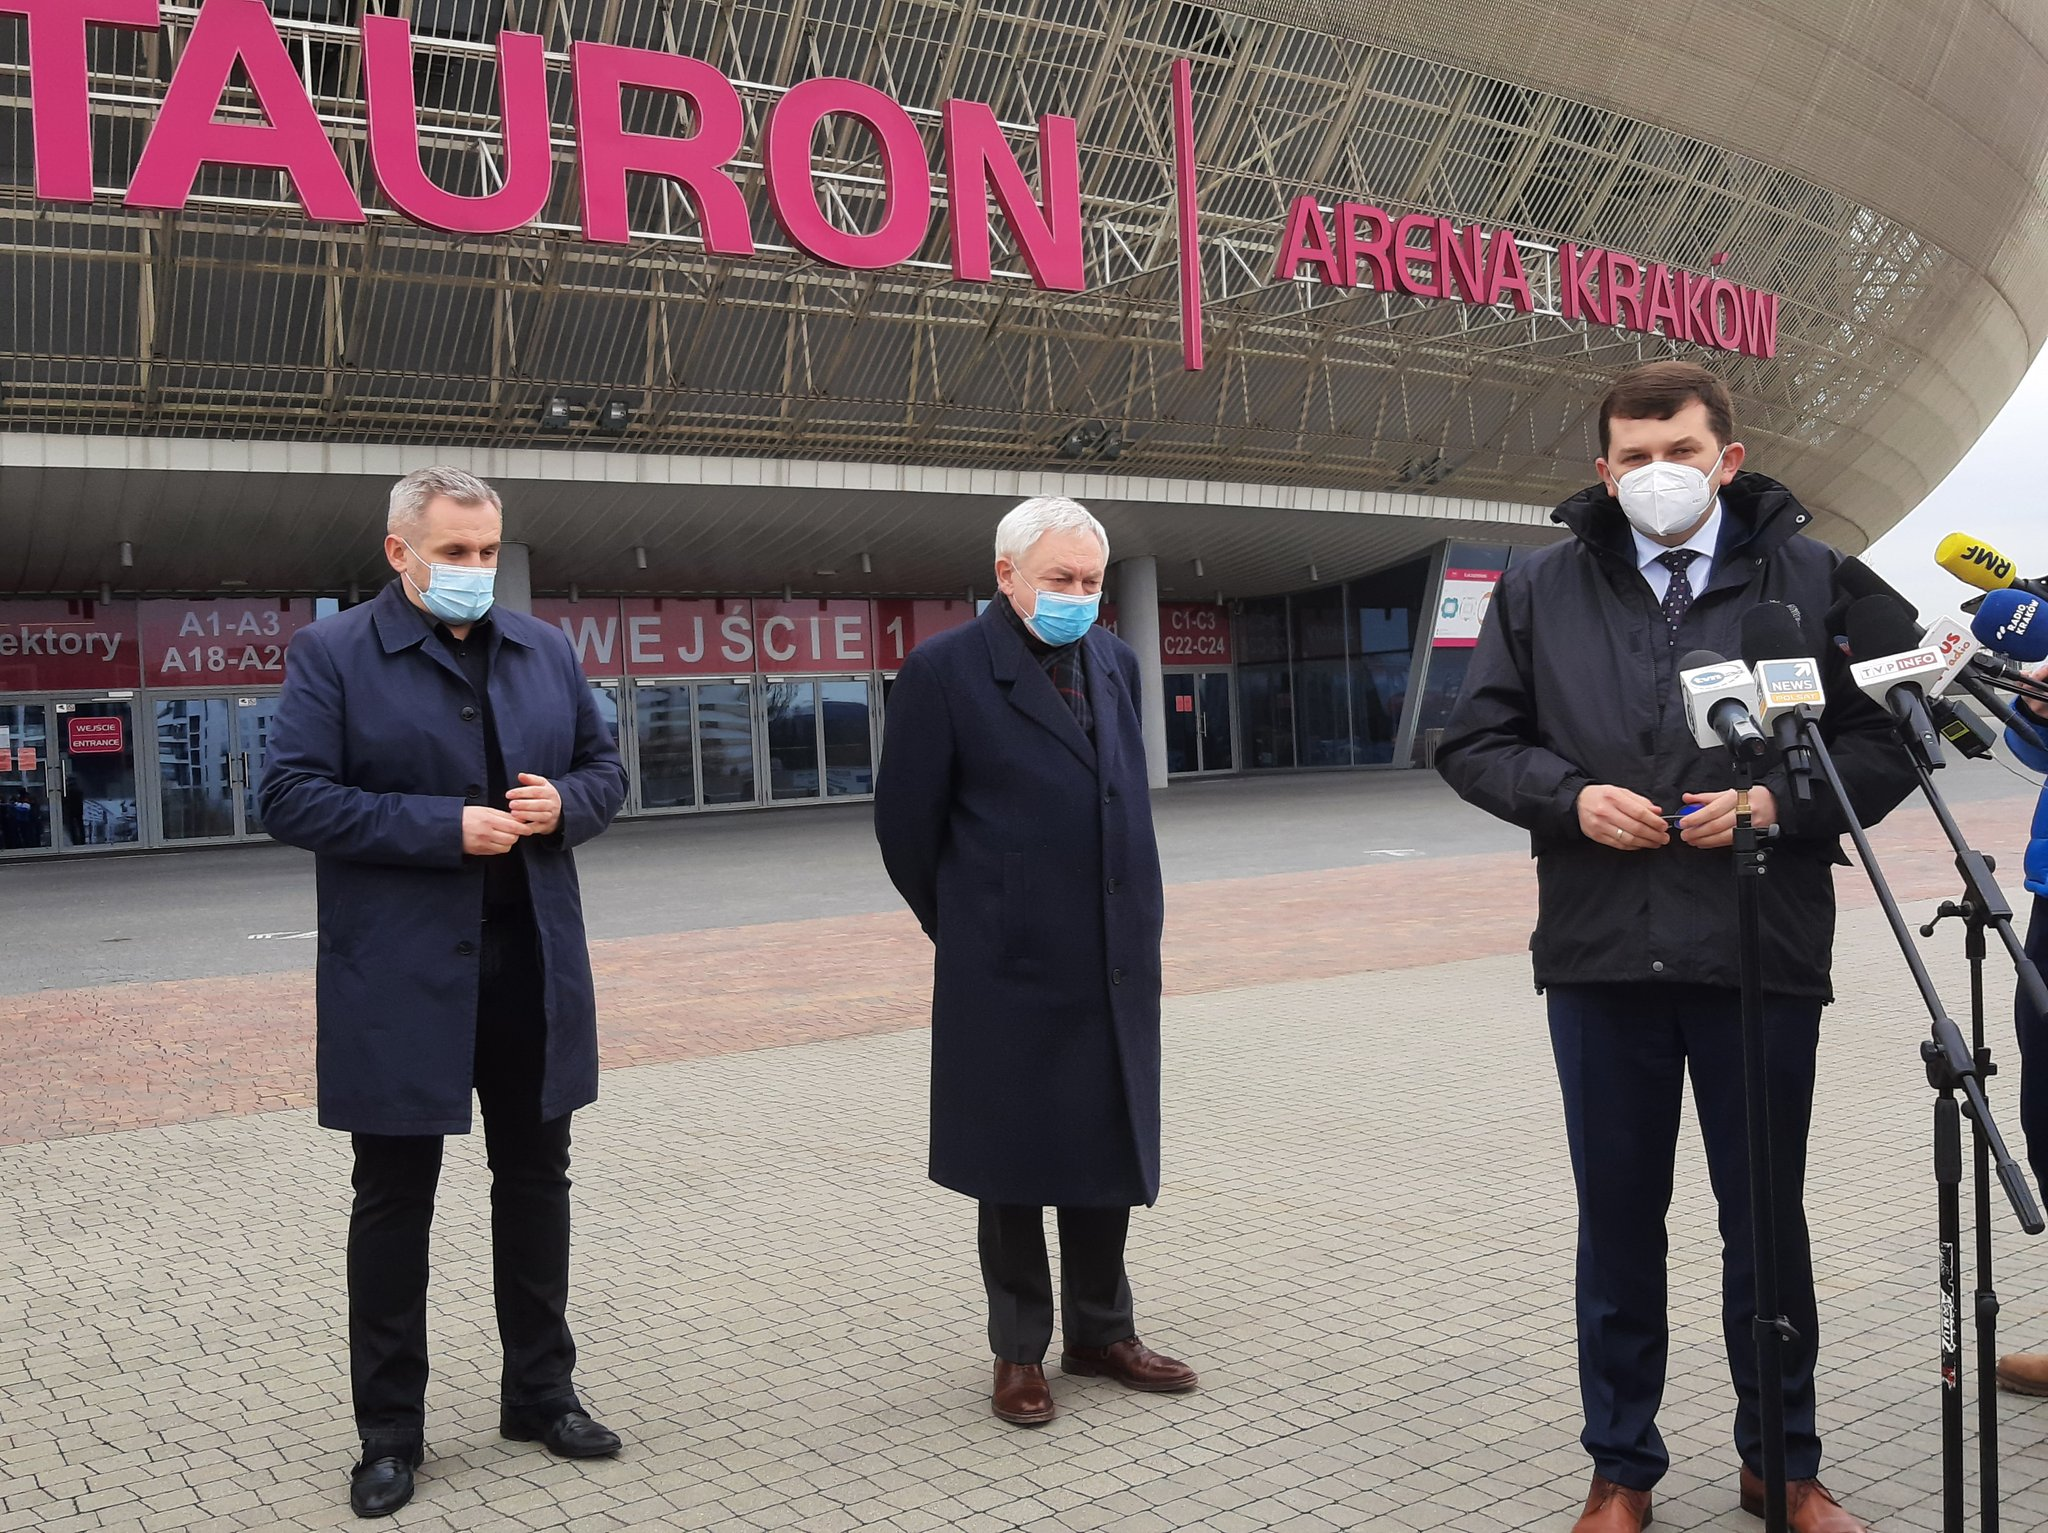 Tam będziemy się masowo szczepić! Potężne Centrum Szczepionkowe powstanie przy Tauron Arenie Kraków